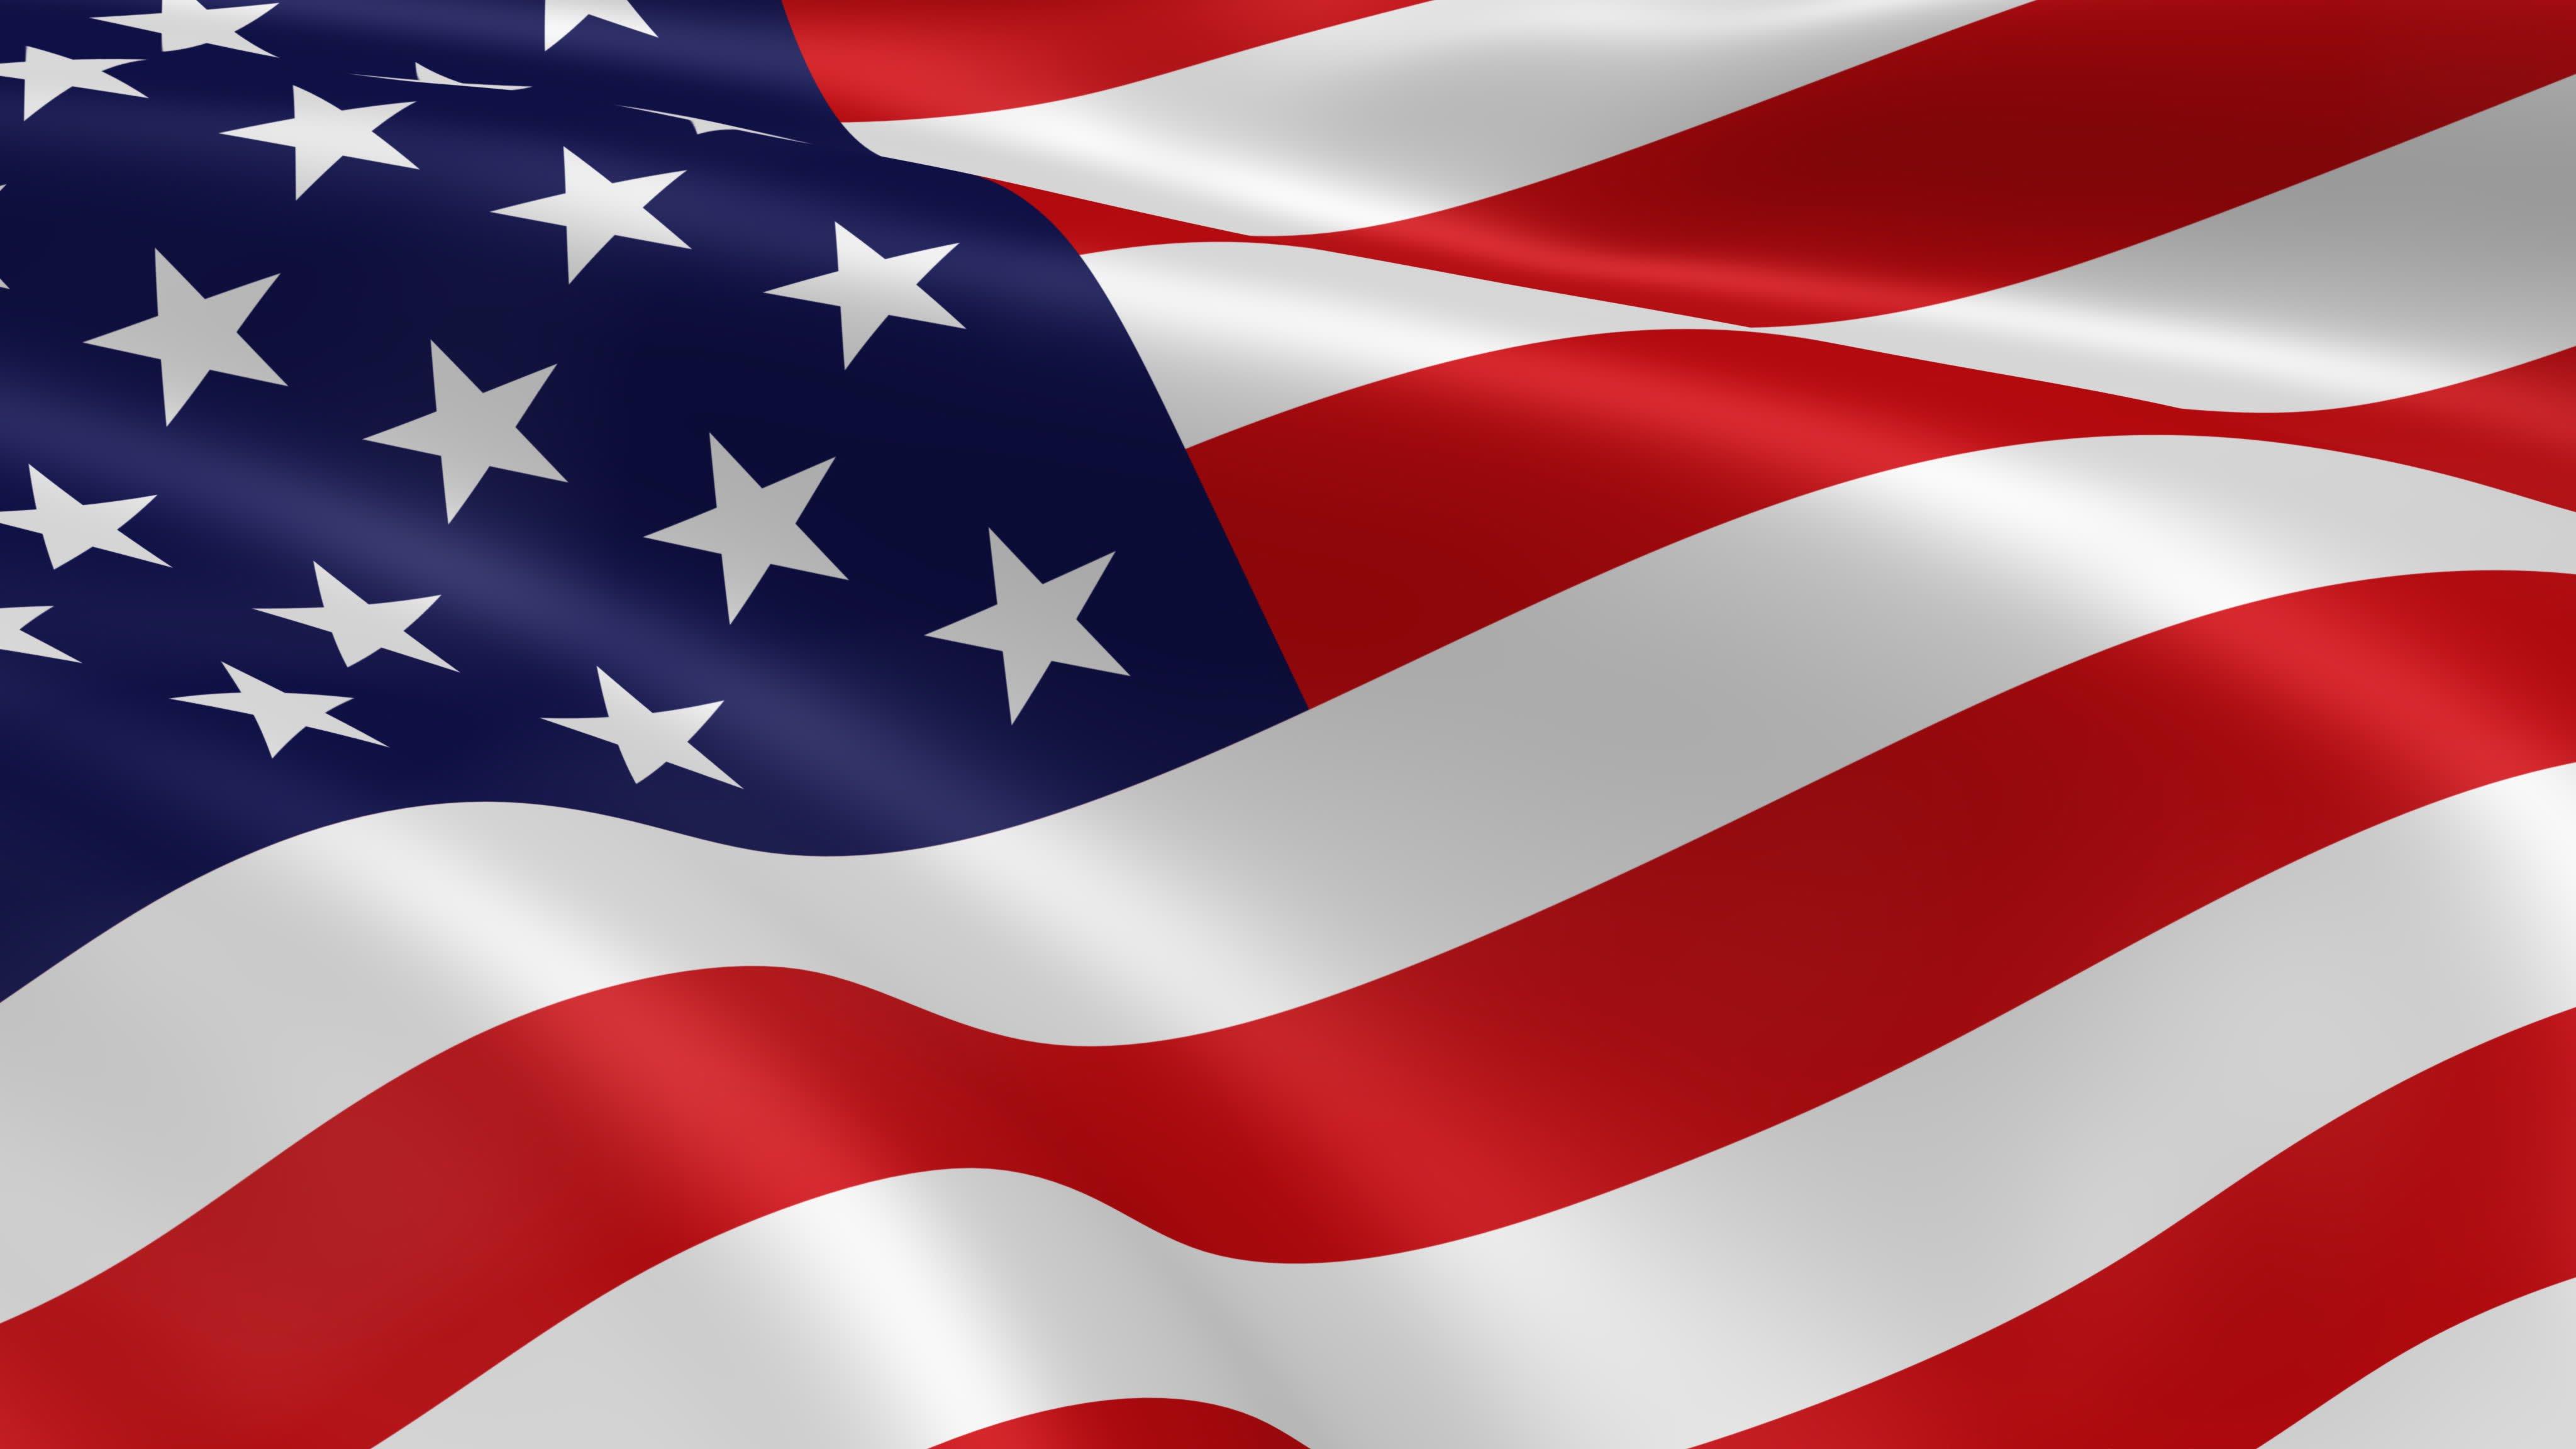 Unity 3d Wallpaper American Flag Fotolip Com Rich Image And Wallpaper